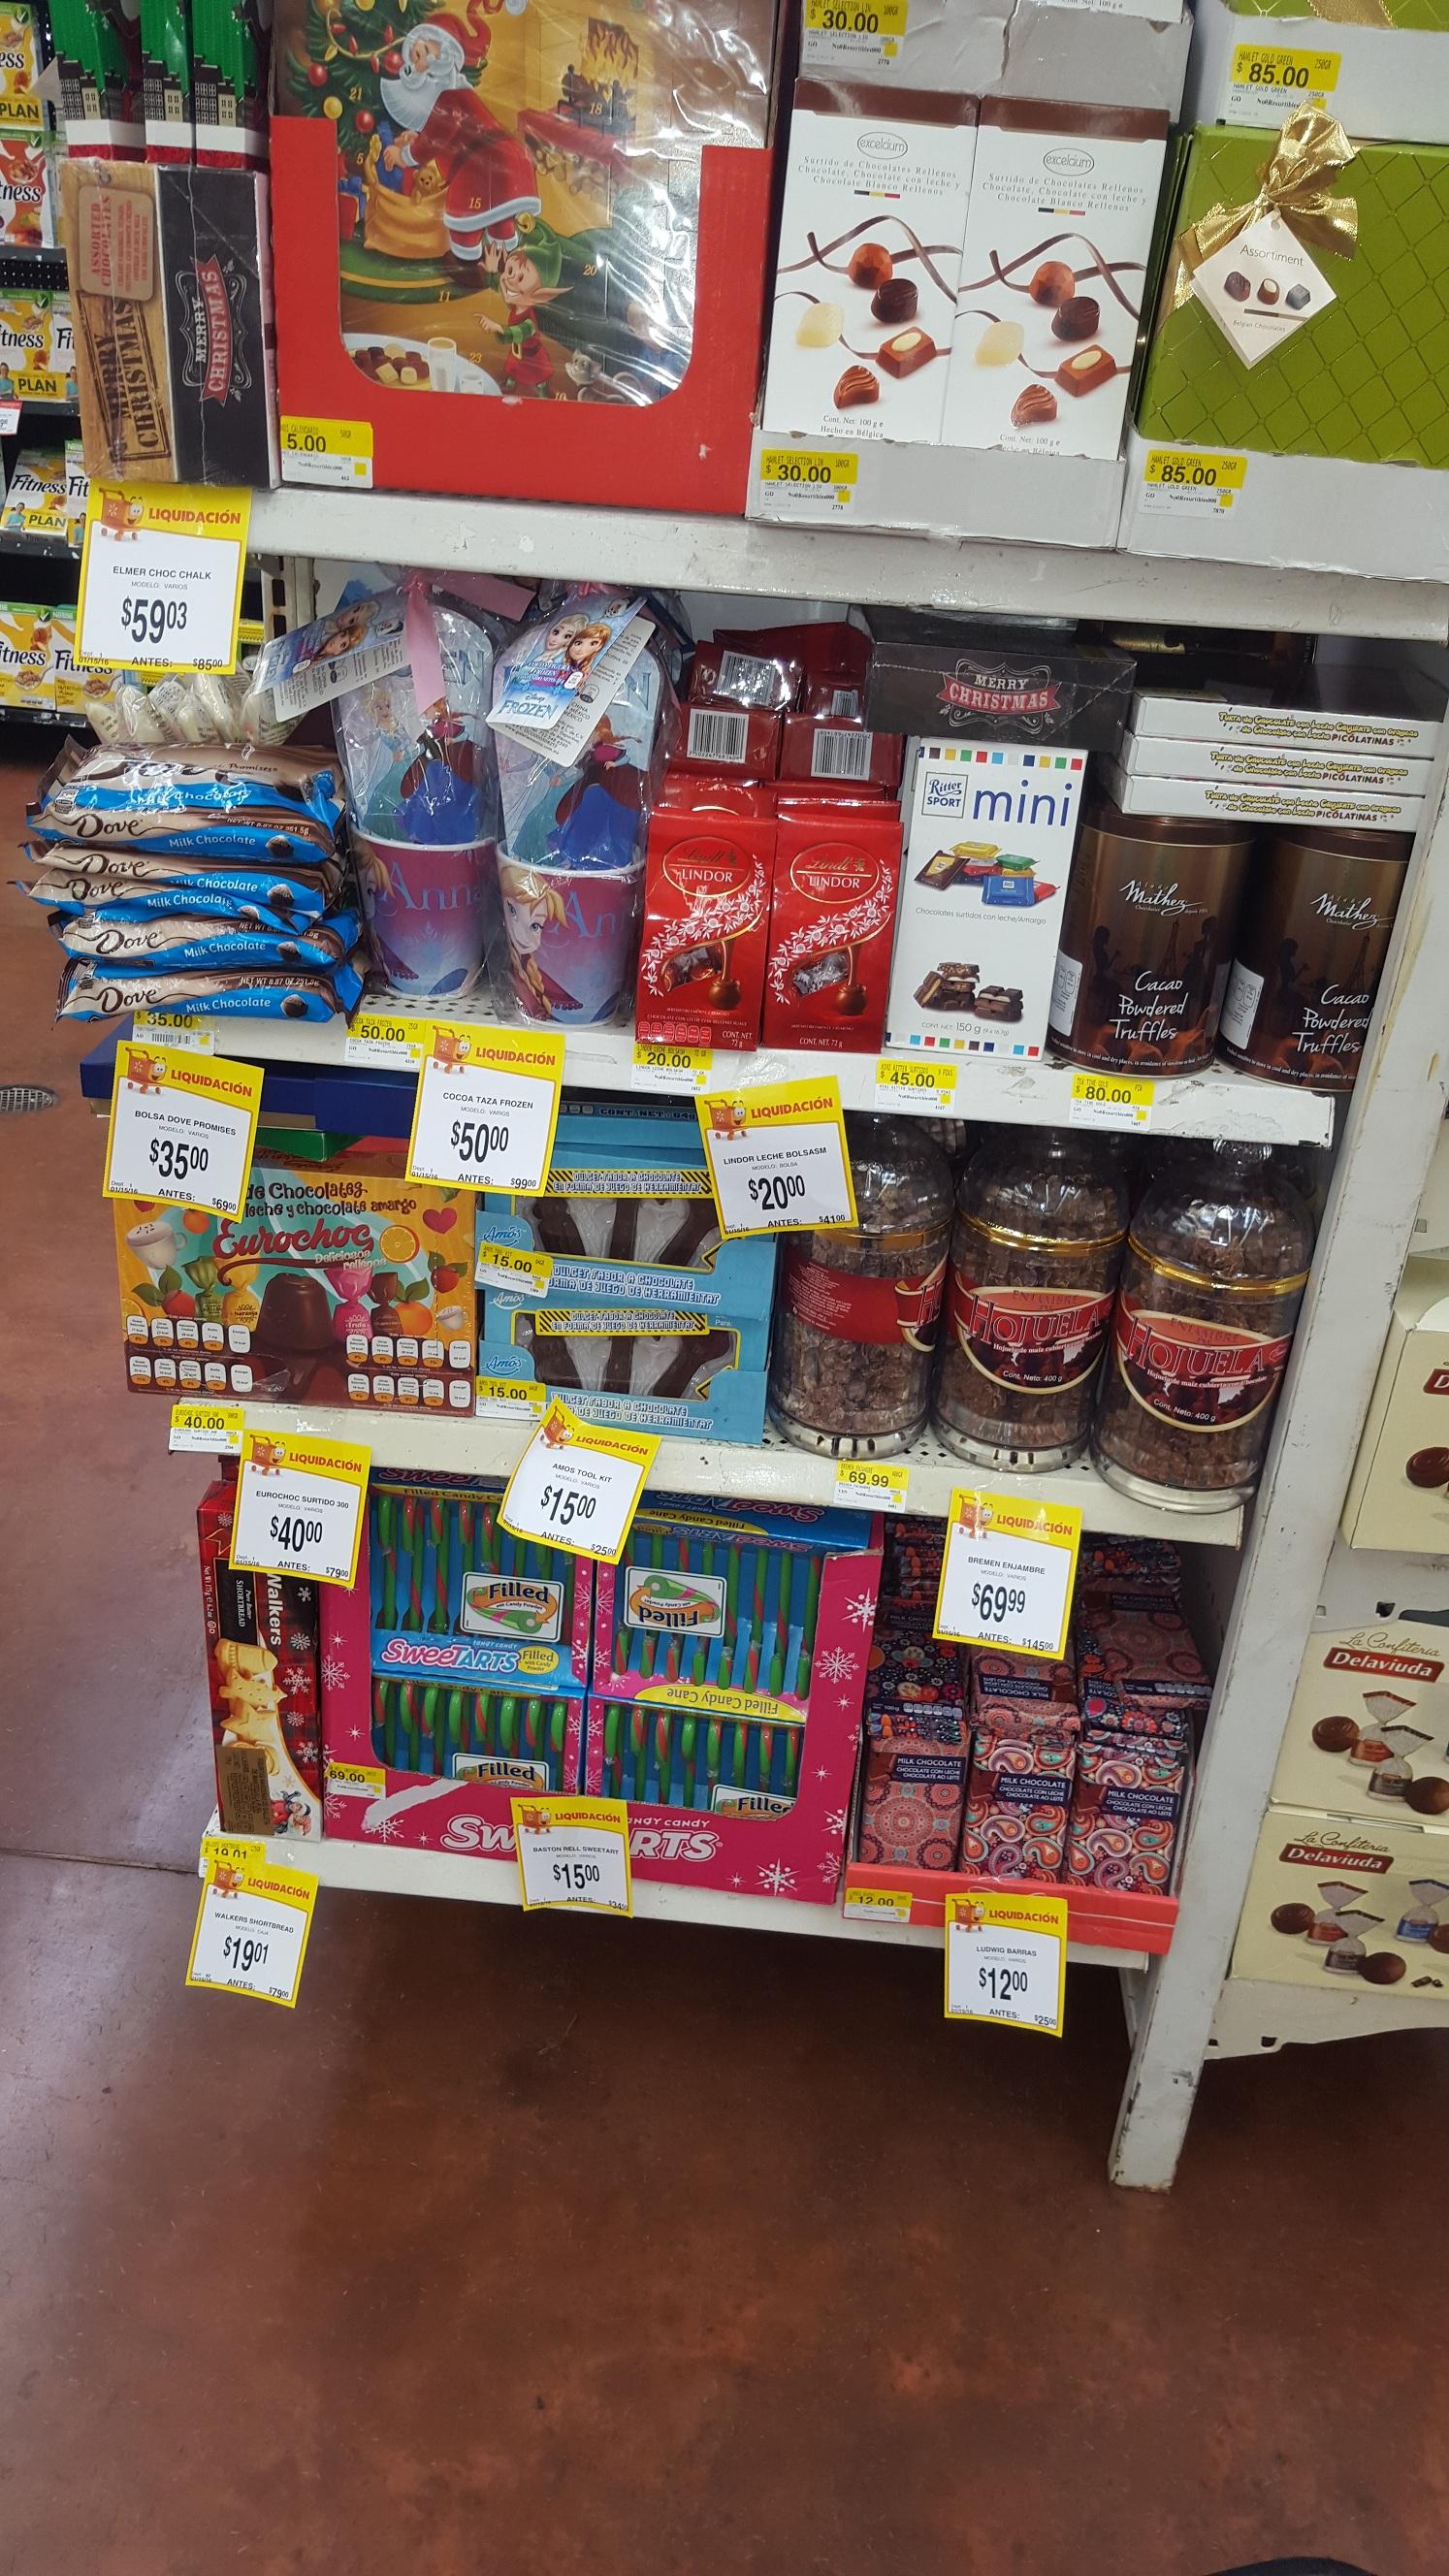 chocolates y golosinas navideñas con 50% o mas en Walmart. Ej. Snikers en empaque metálico $12